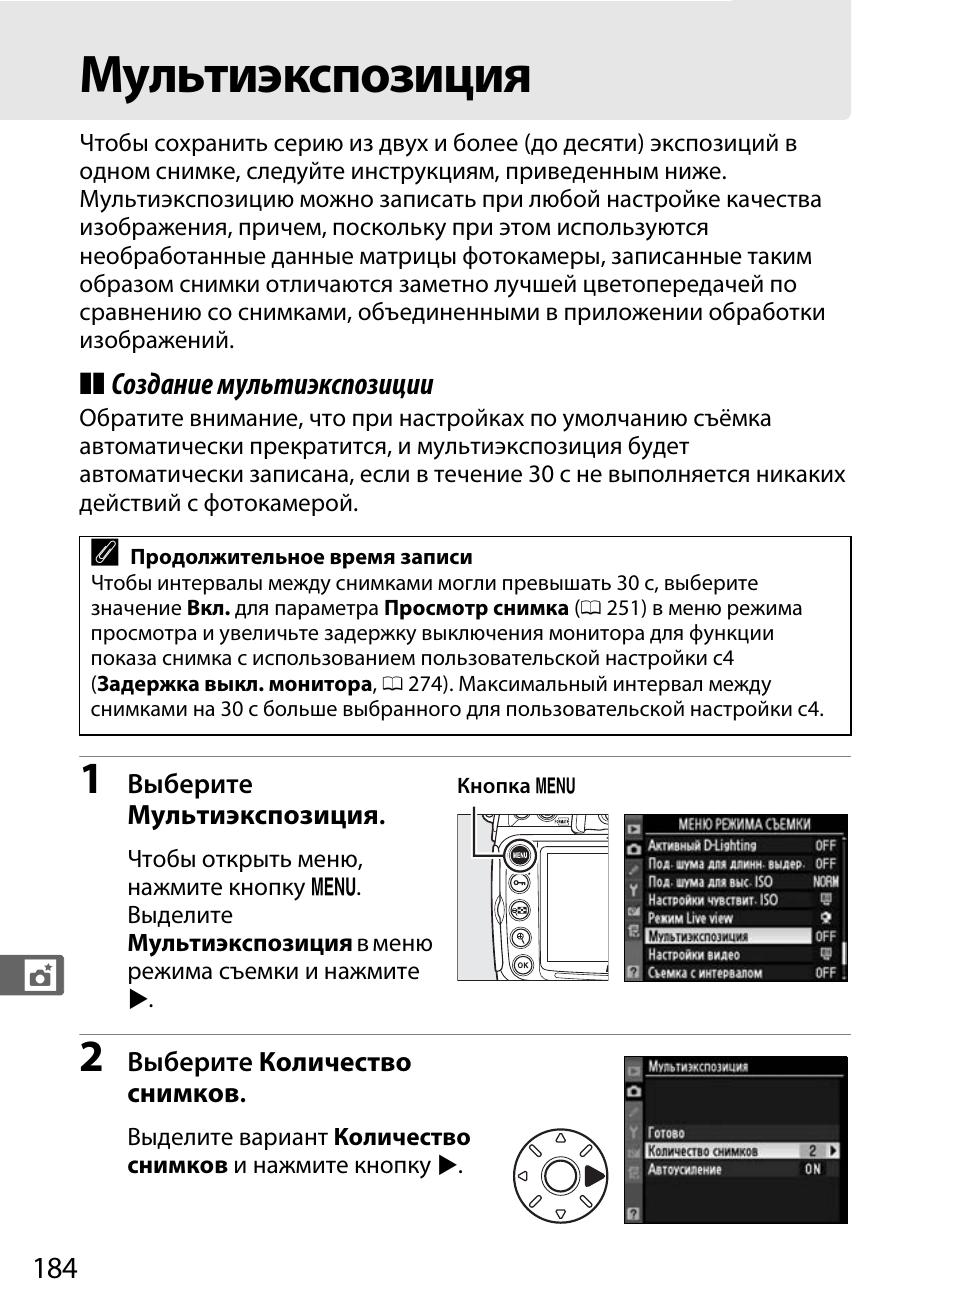 инструкция по эксплуатации nikon d300